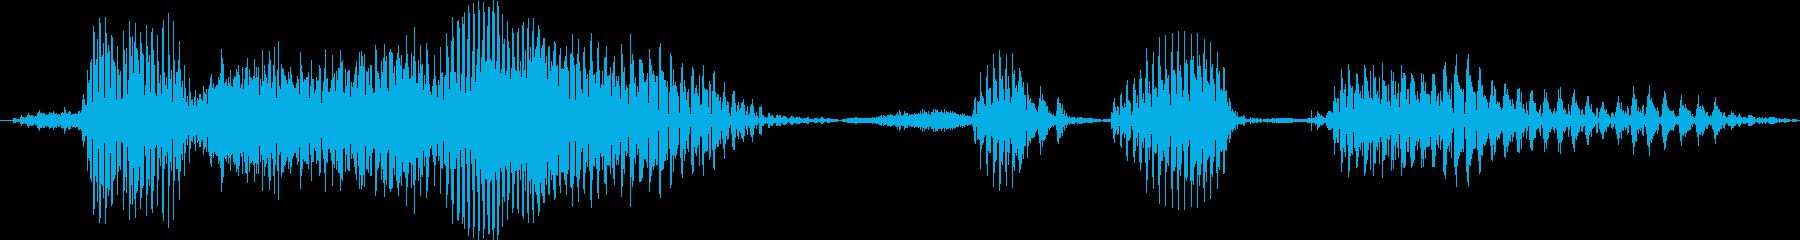 オペレーター男性用のコンピューター...の再生済みの波形